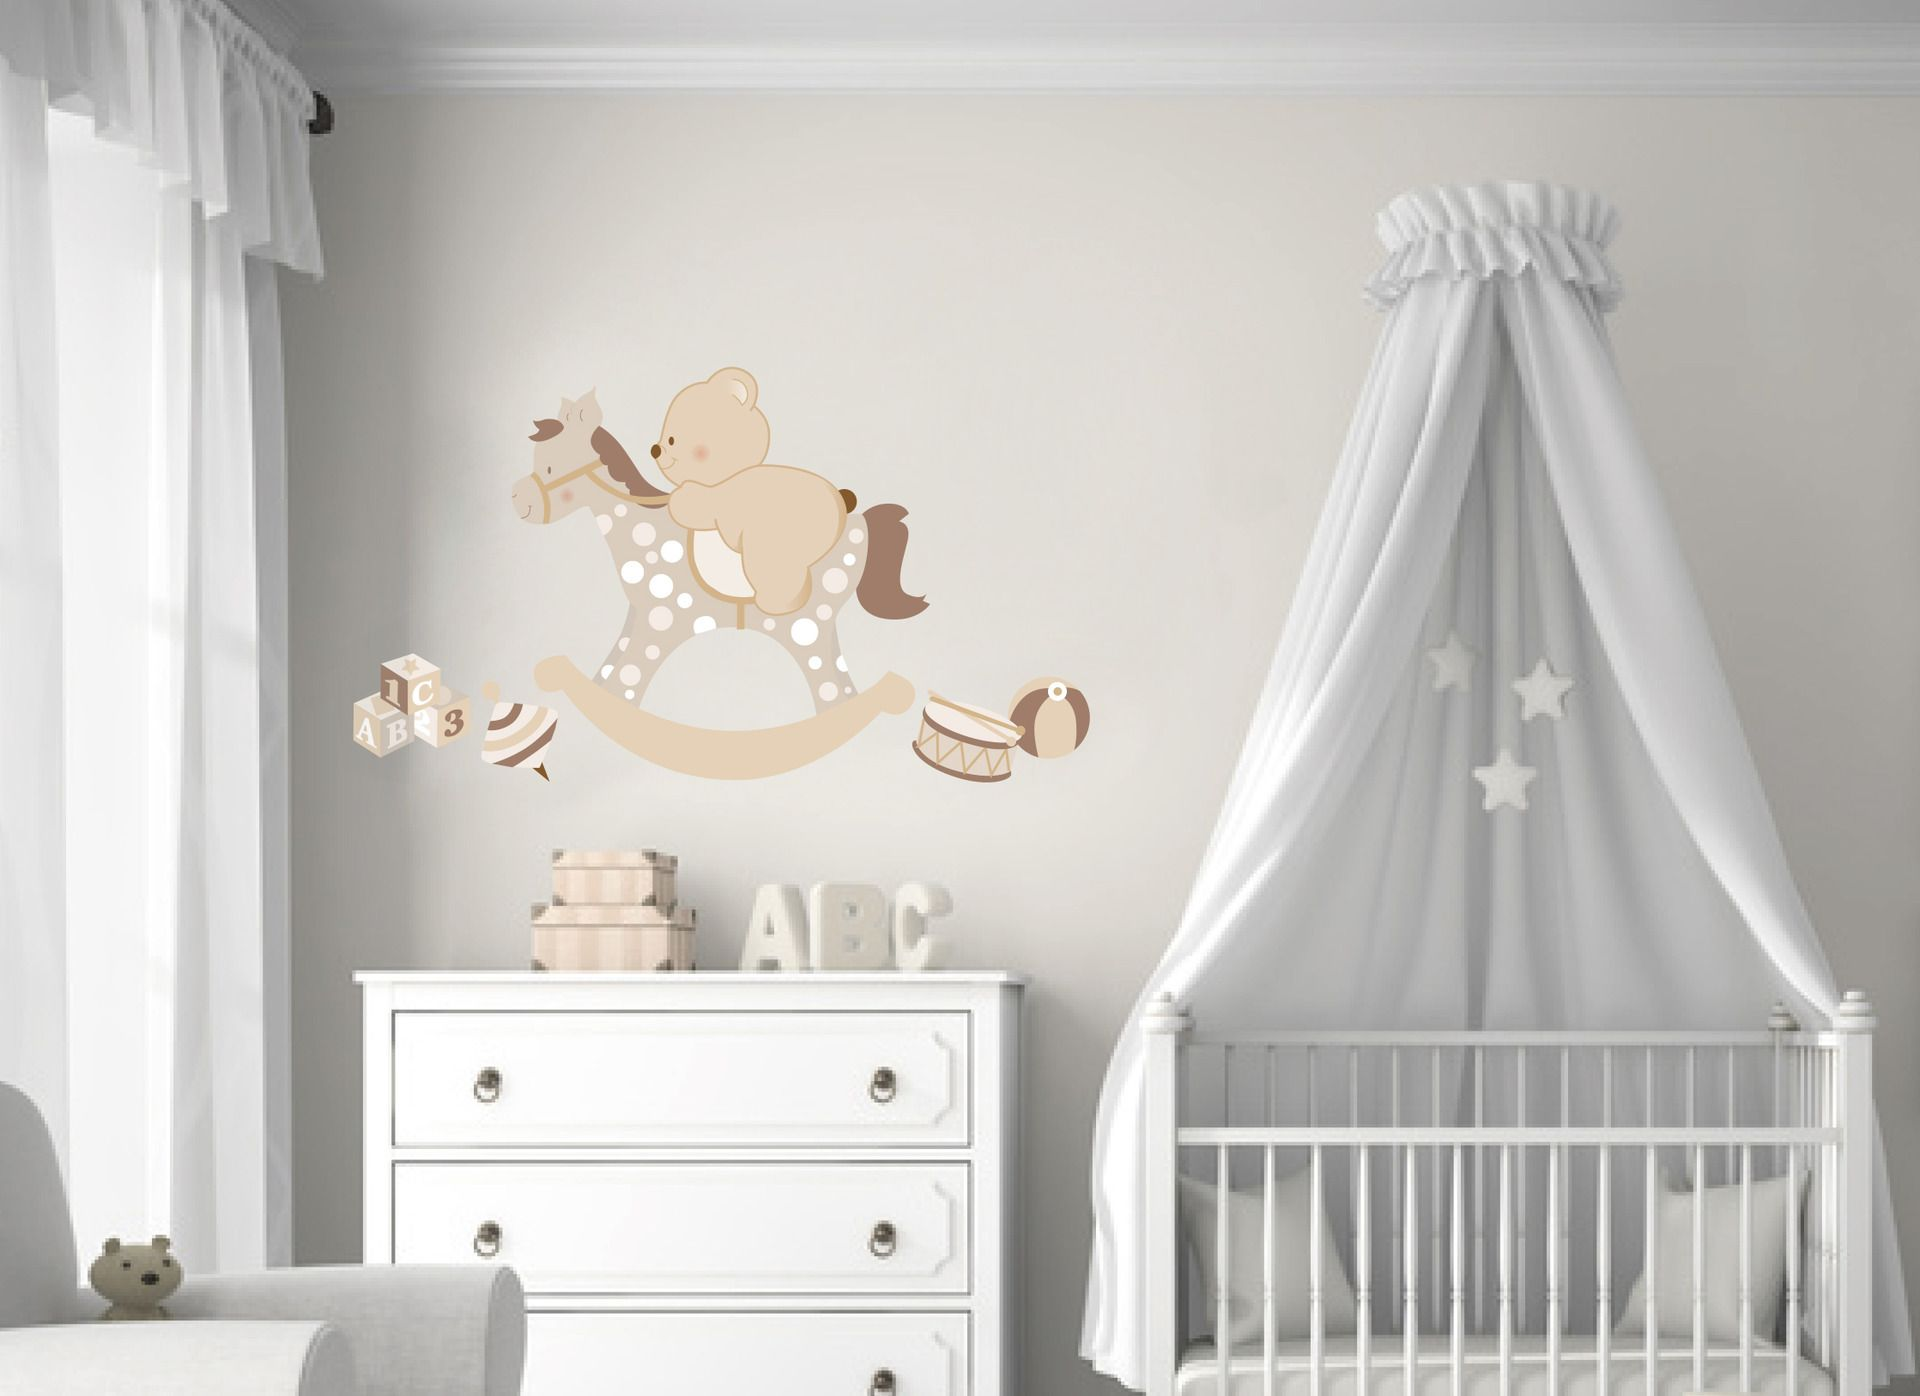 Decorazioni Per Camerette Ragazzi : Adesivi murali bambini decorazioni camerette cavallo a dondolo